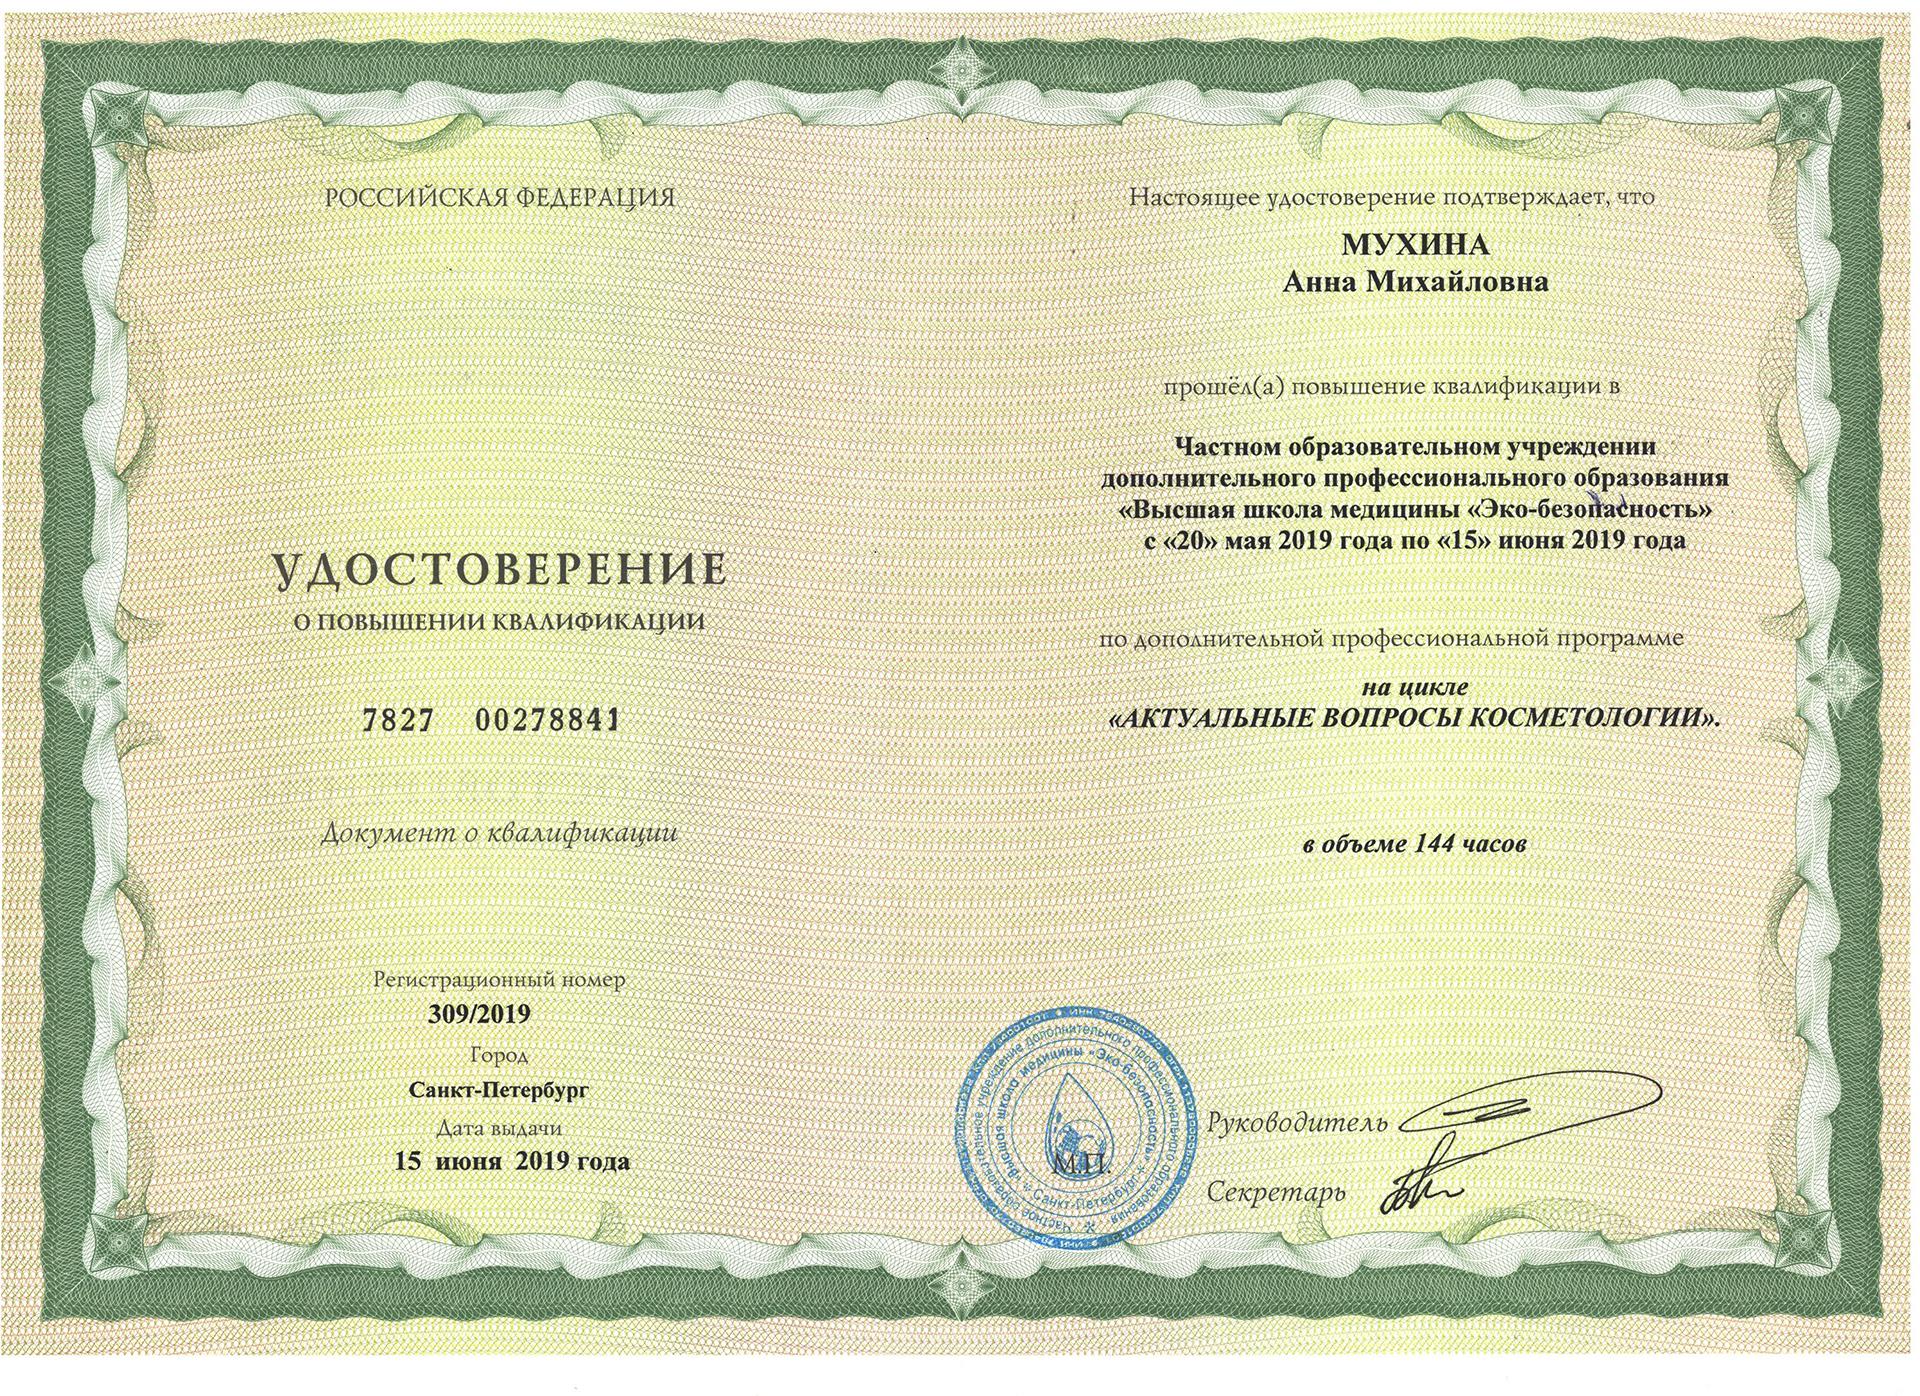 Сертификат — Удостоверение о повышении квалификации. Мухина Анна Михайловна